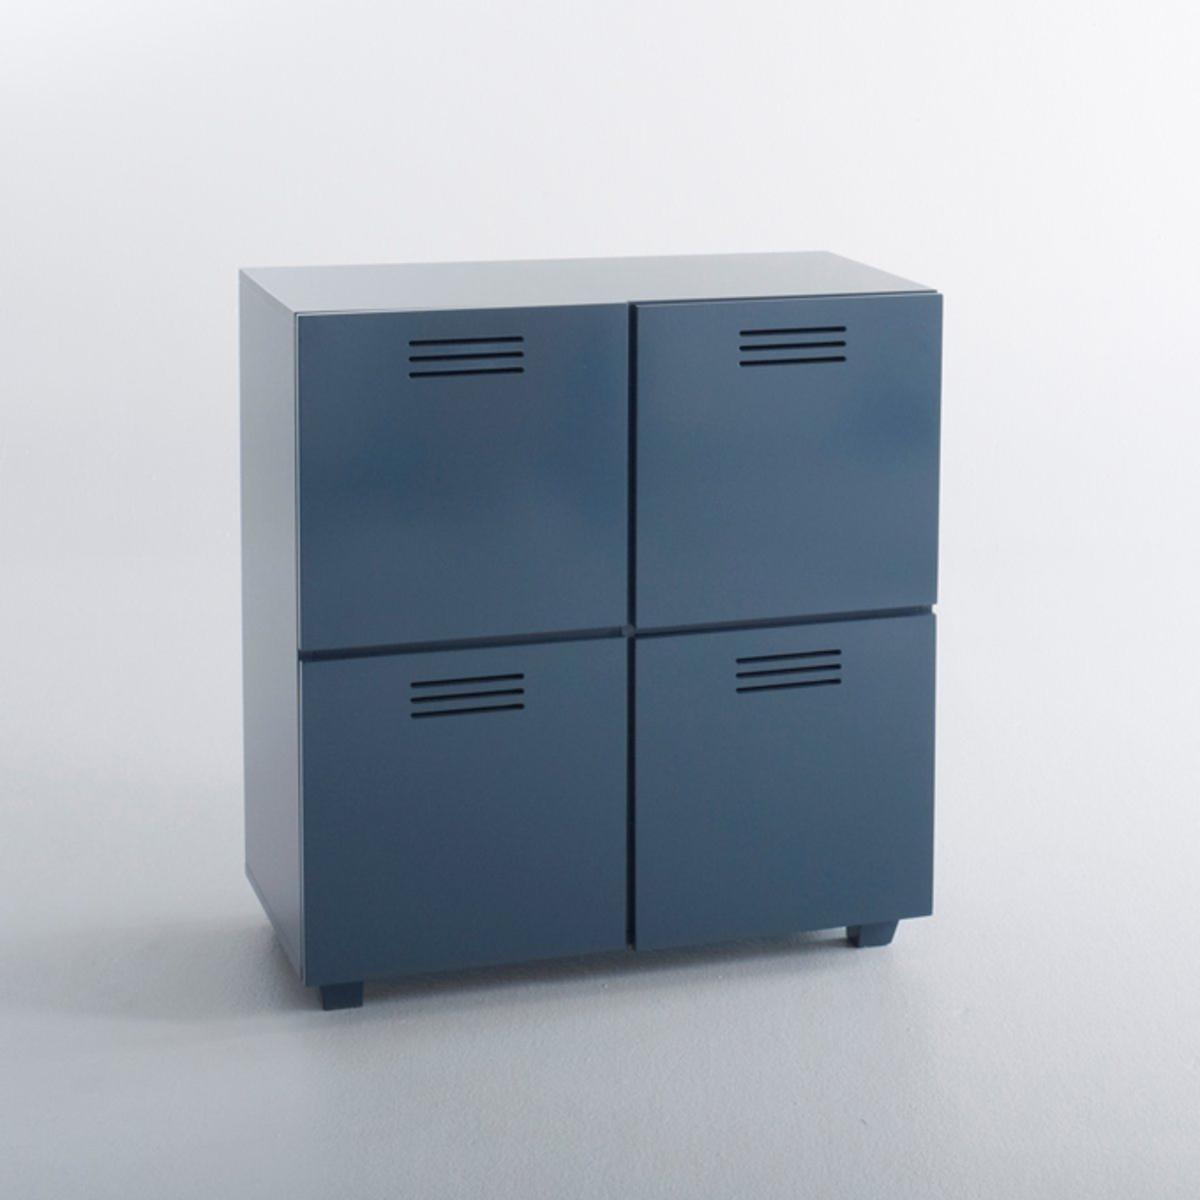 Комод 4-х дверный HibaОригинальный комод Hiba в лофт-стиле, выполненный в форме закрытого ящика с 4 дверцами в 3 цветовых решениях. Идеален как для хранения вещей, так и игрушек...Описание комода Hiba:1 ящик4 дверцыХарактеристики Описание комода Hiba:Из МДФ.Покрытие нитроцеллюлозным лаком.Всю коллекцию Hiba вы можете найти на сайте laredoute.ru.Размеры :Общие размеры: Ширина : 70 смВысота : 75 смГлубина : 37 смВнутренние размеры : Ш.32,5 x В.32 x Г.35,5 см.Доставка:Товар продается в разобранном виде.Возможна доставка до двери по предварительной договоренности.Внимание! Убедитесь, что возможно осуществить доставку товара, учитывая его габариты (проходит в дверные проемы, лестничные проходы, лифты).<br><br>Цвет: Серо-синий